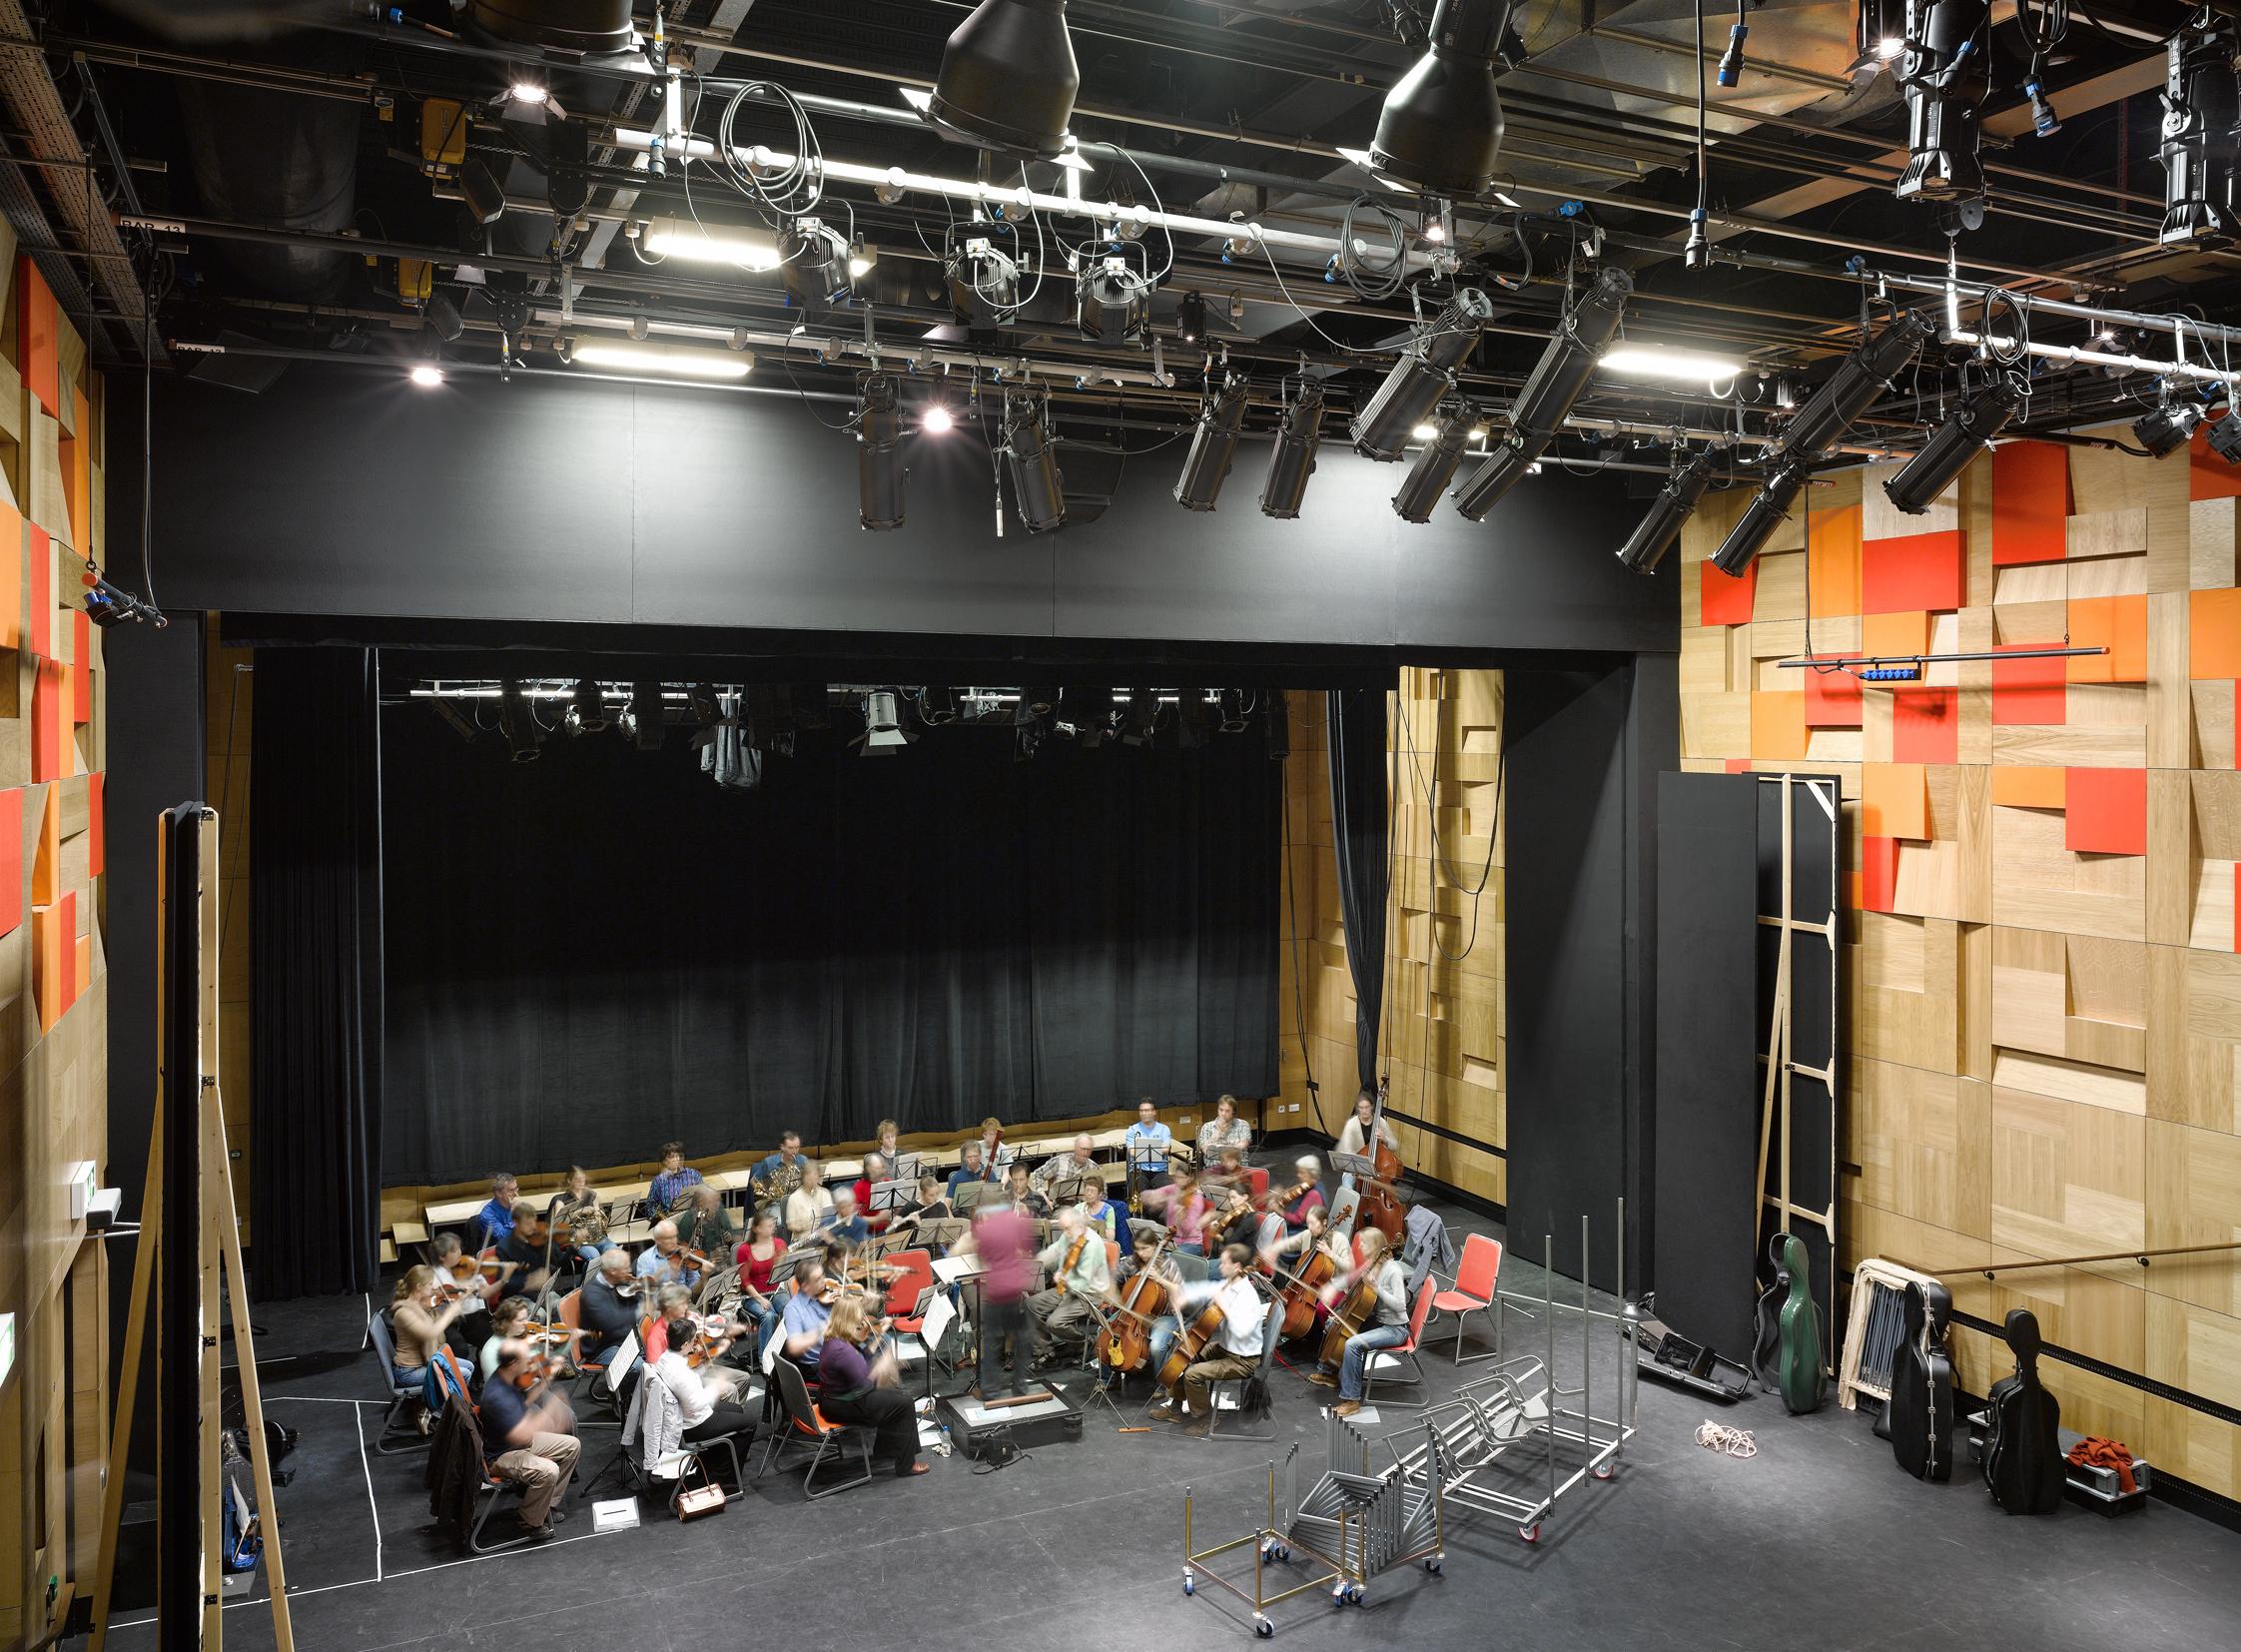 Didcots Art Centre